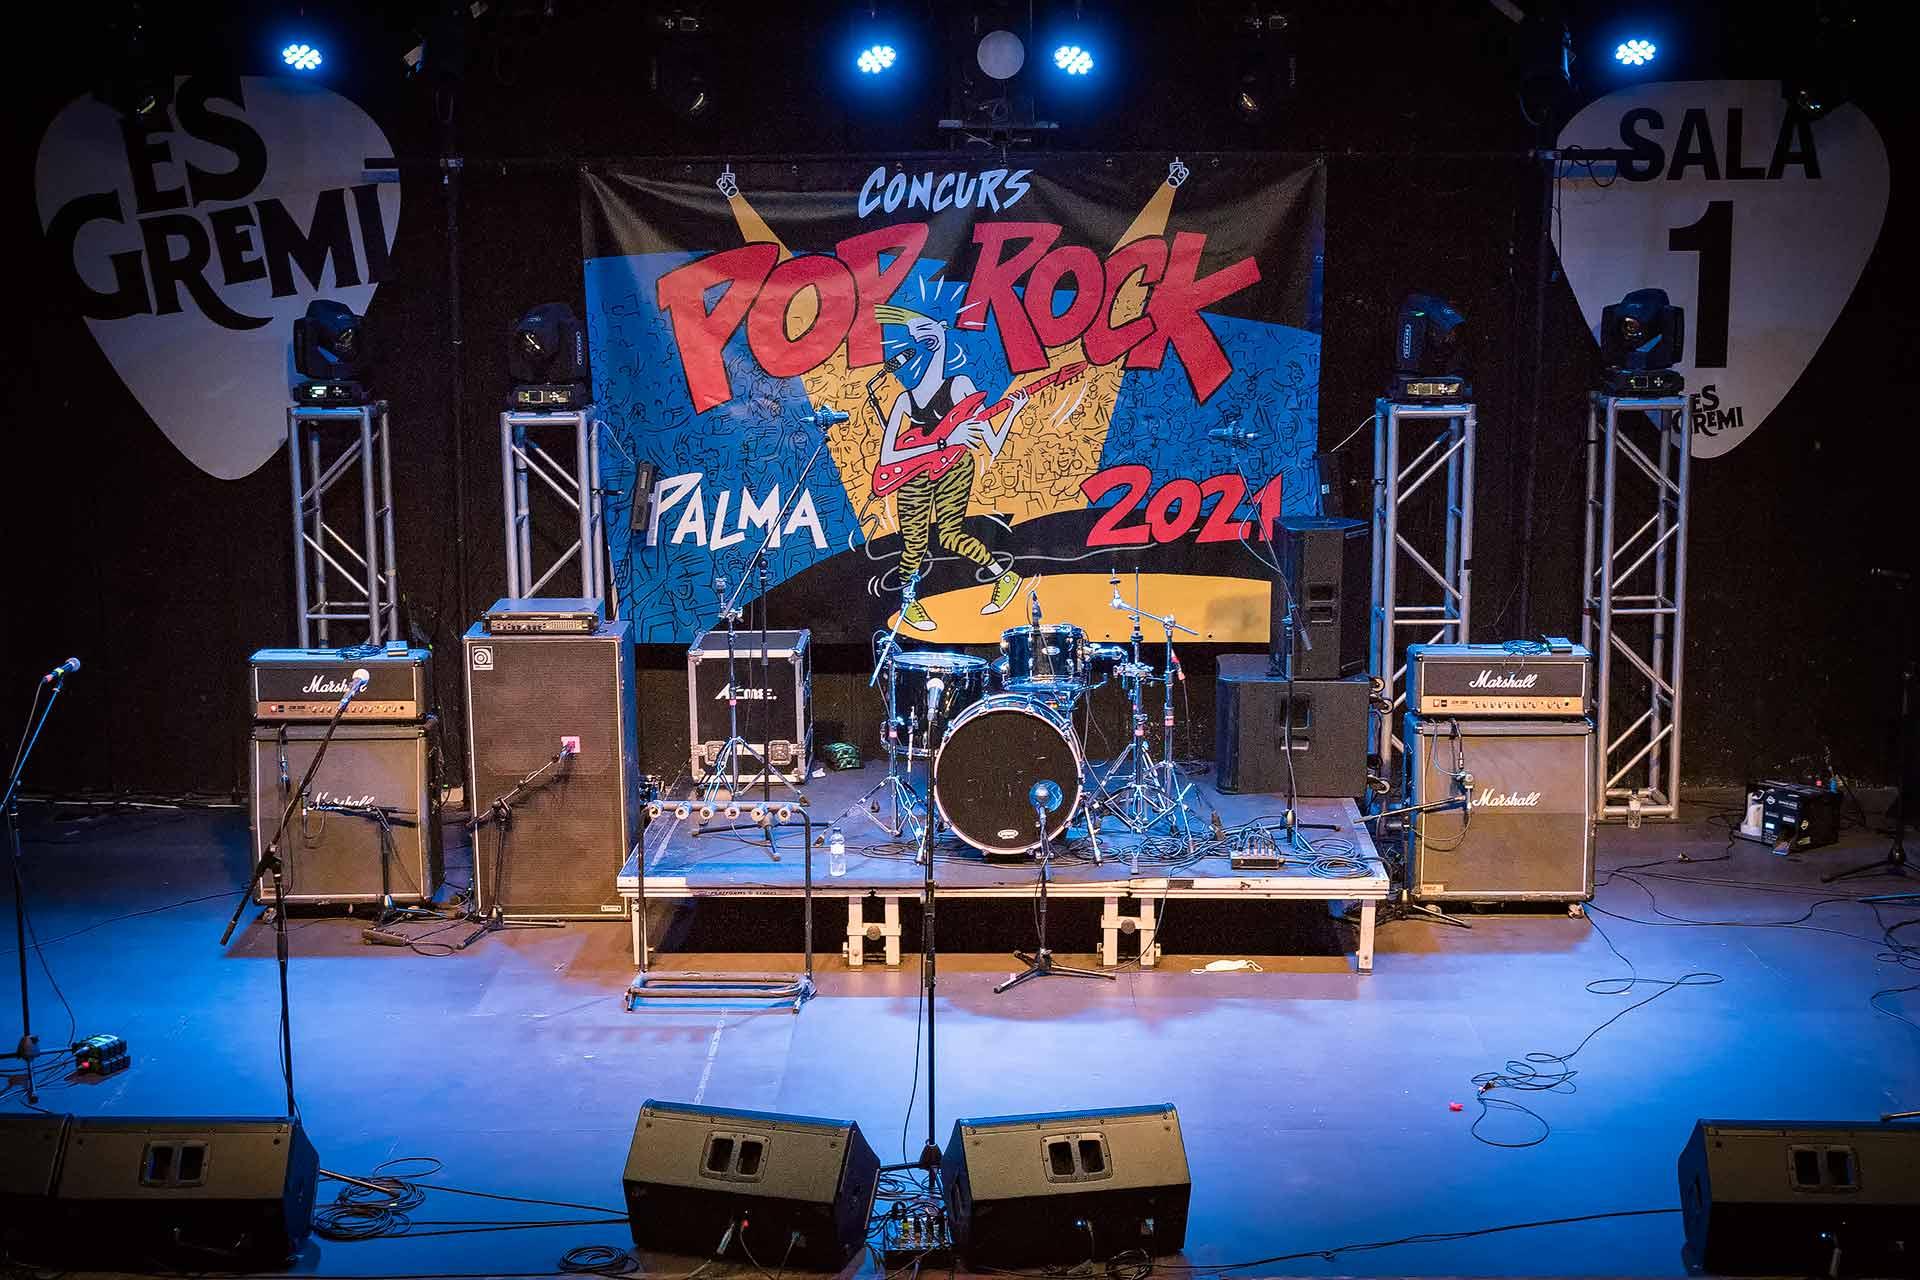 Pop Rock Palma 2021 - Mallorca Music Magazine